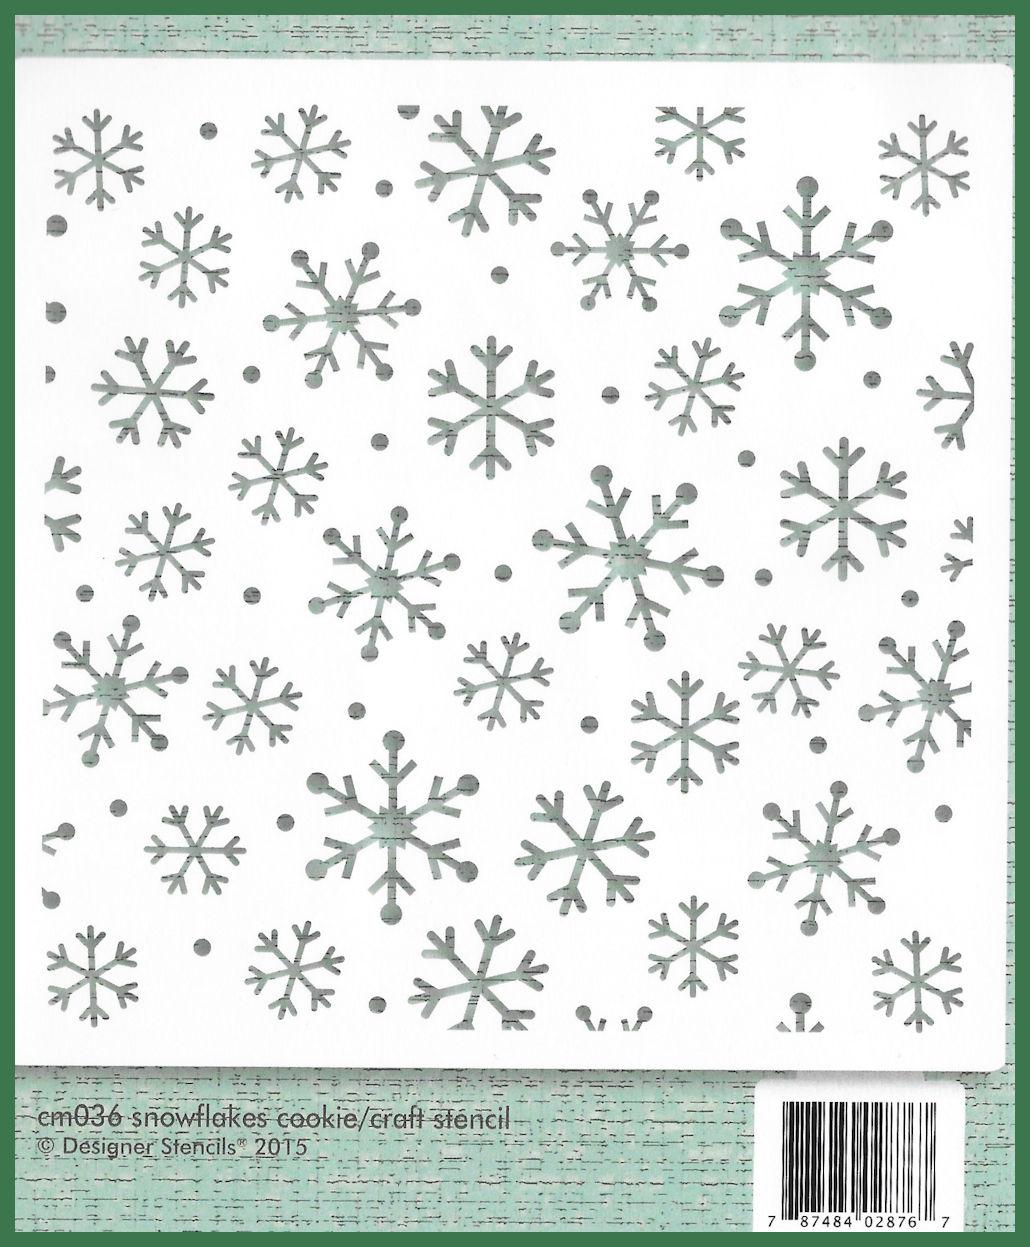 ds-snowflakes-8748402876.jpg